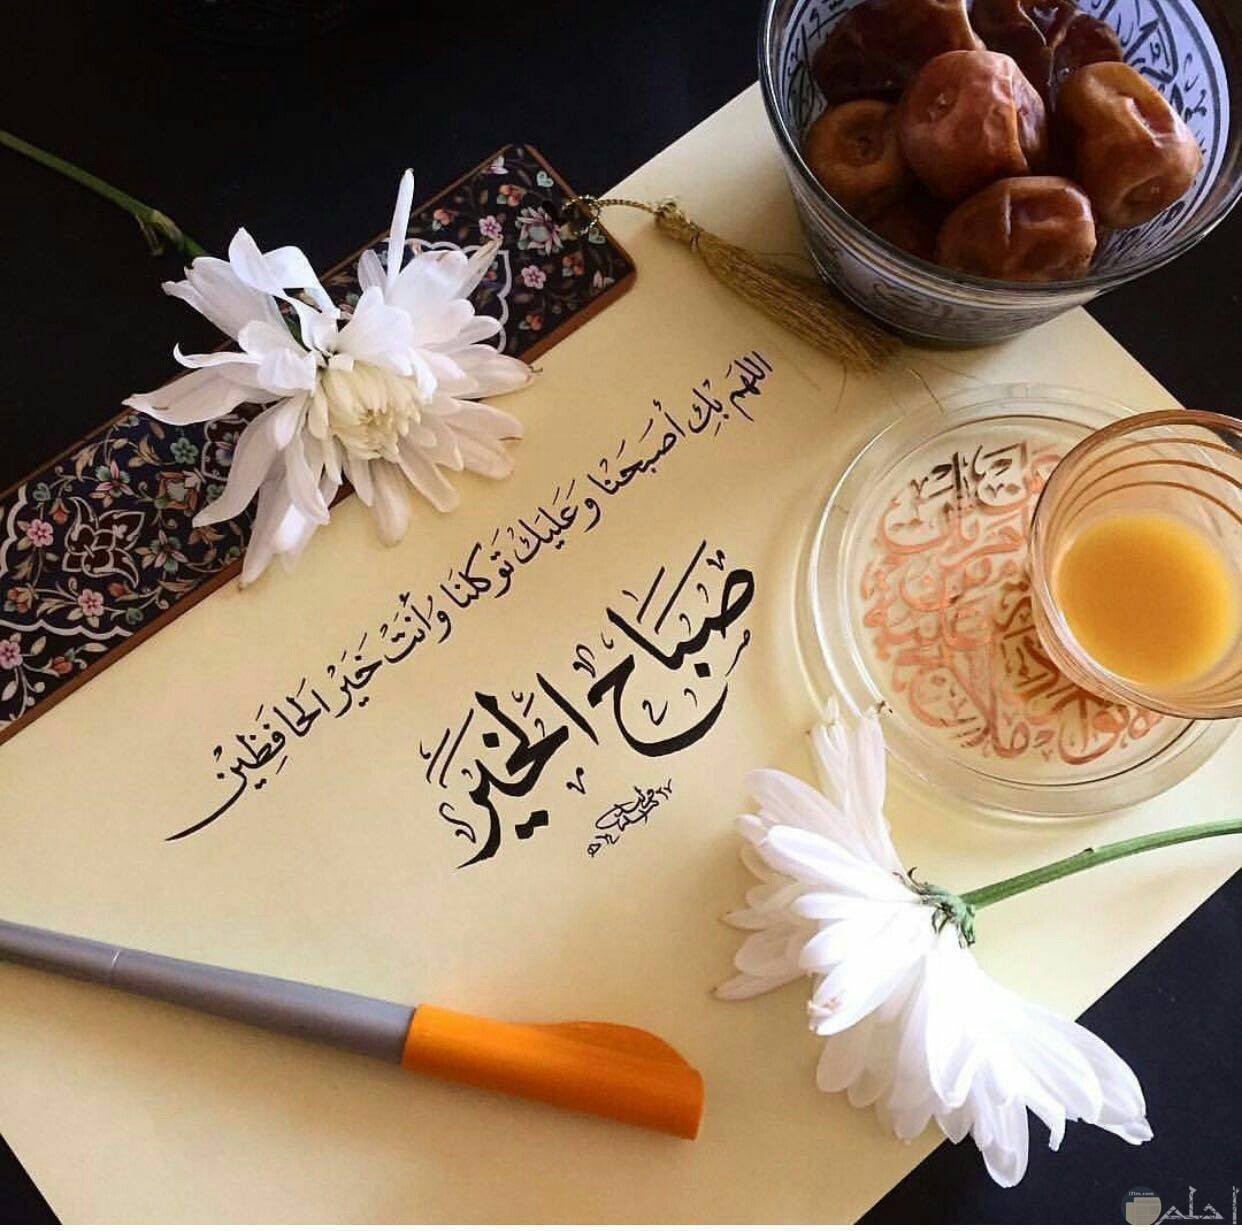 صورة مميزة لتحية الصباح مكتوب عليها صباح الخير وتوكلنا علي الله